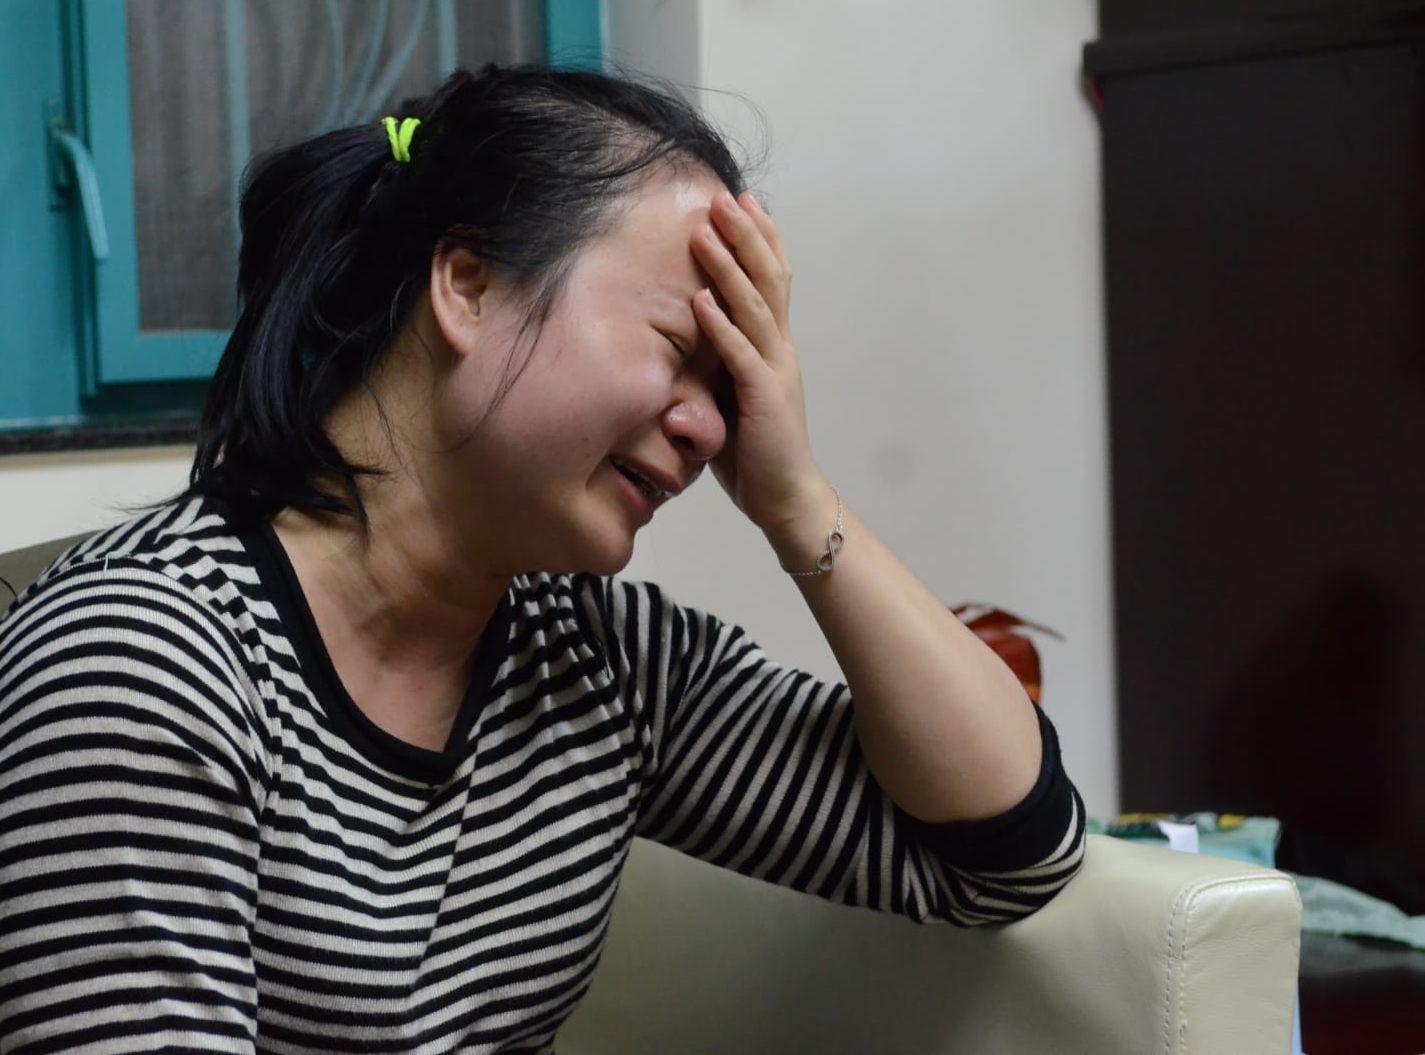 遺孀哭得聲嘶力竭,擔心日後如何養育三個兒子。